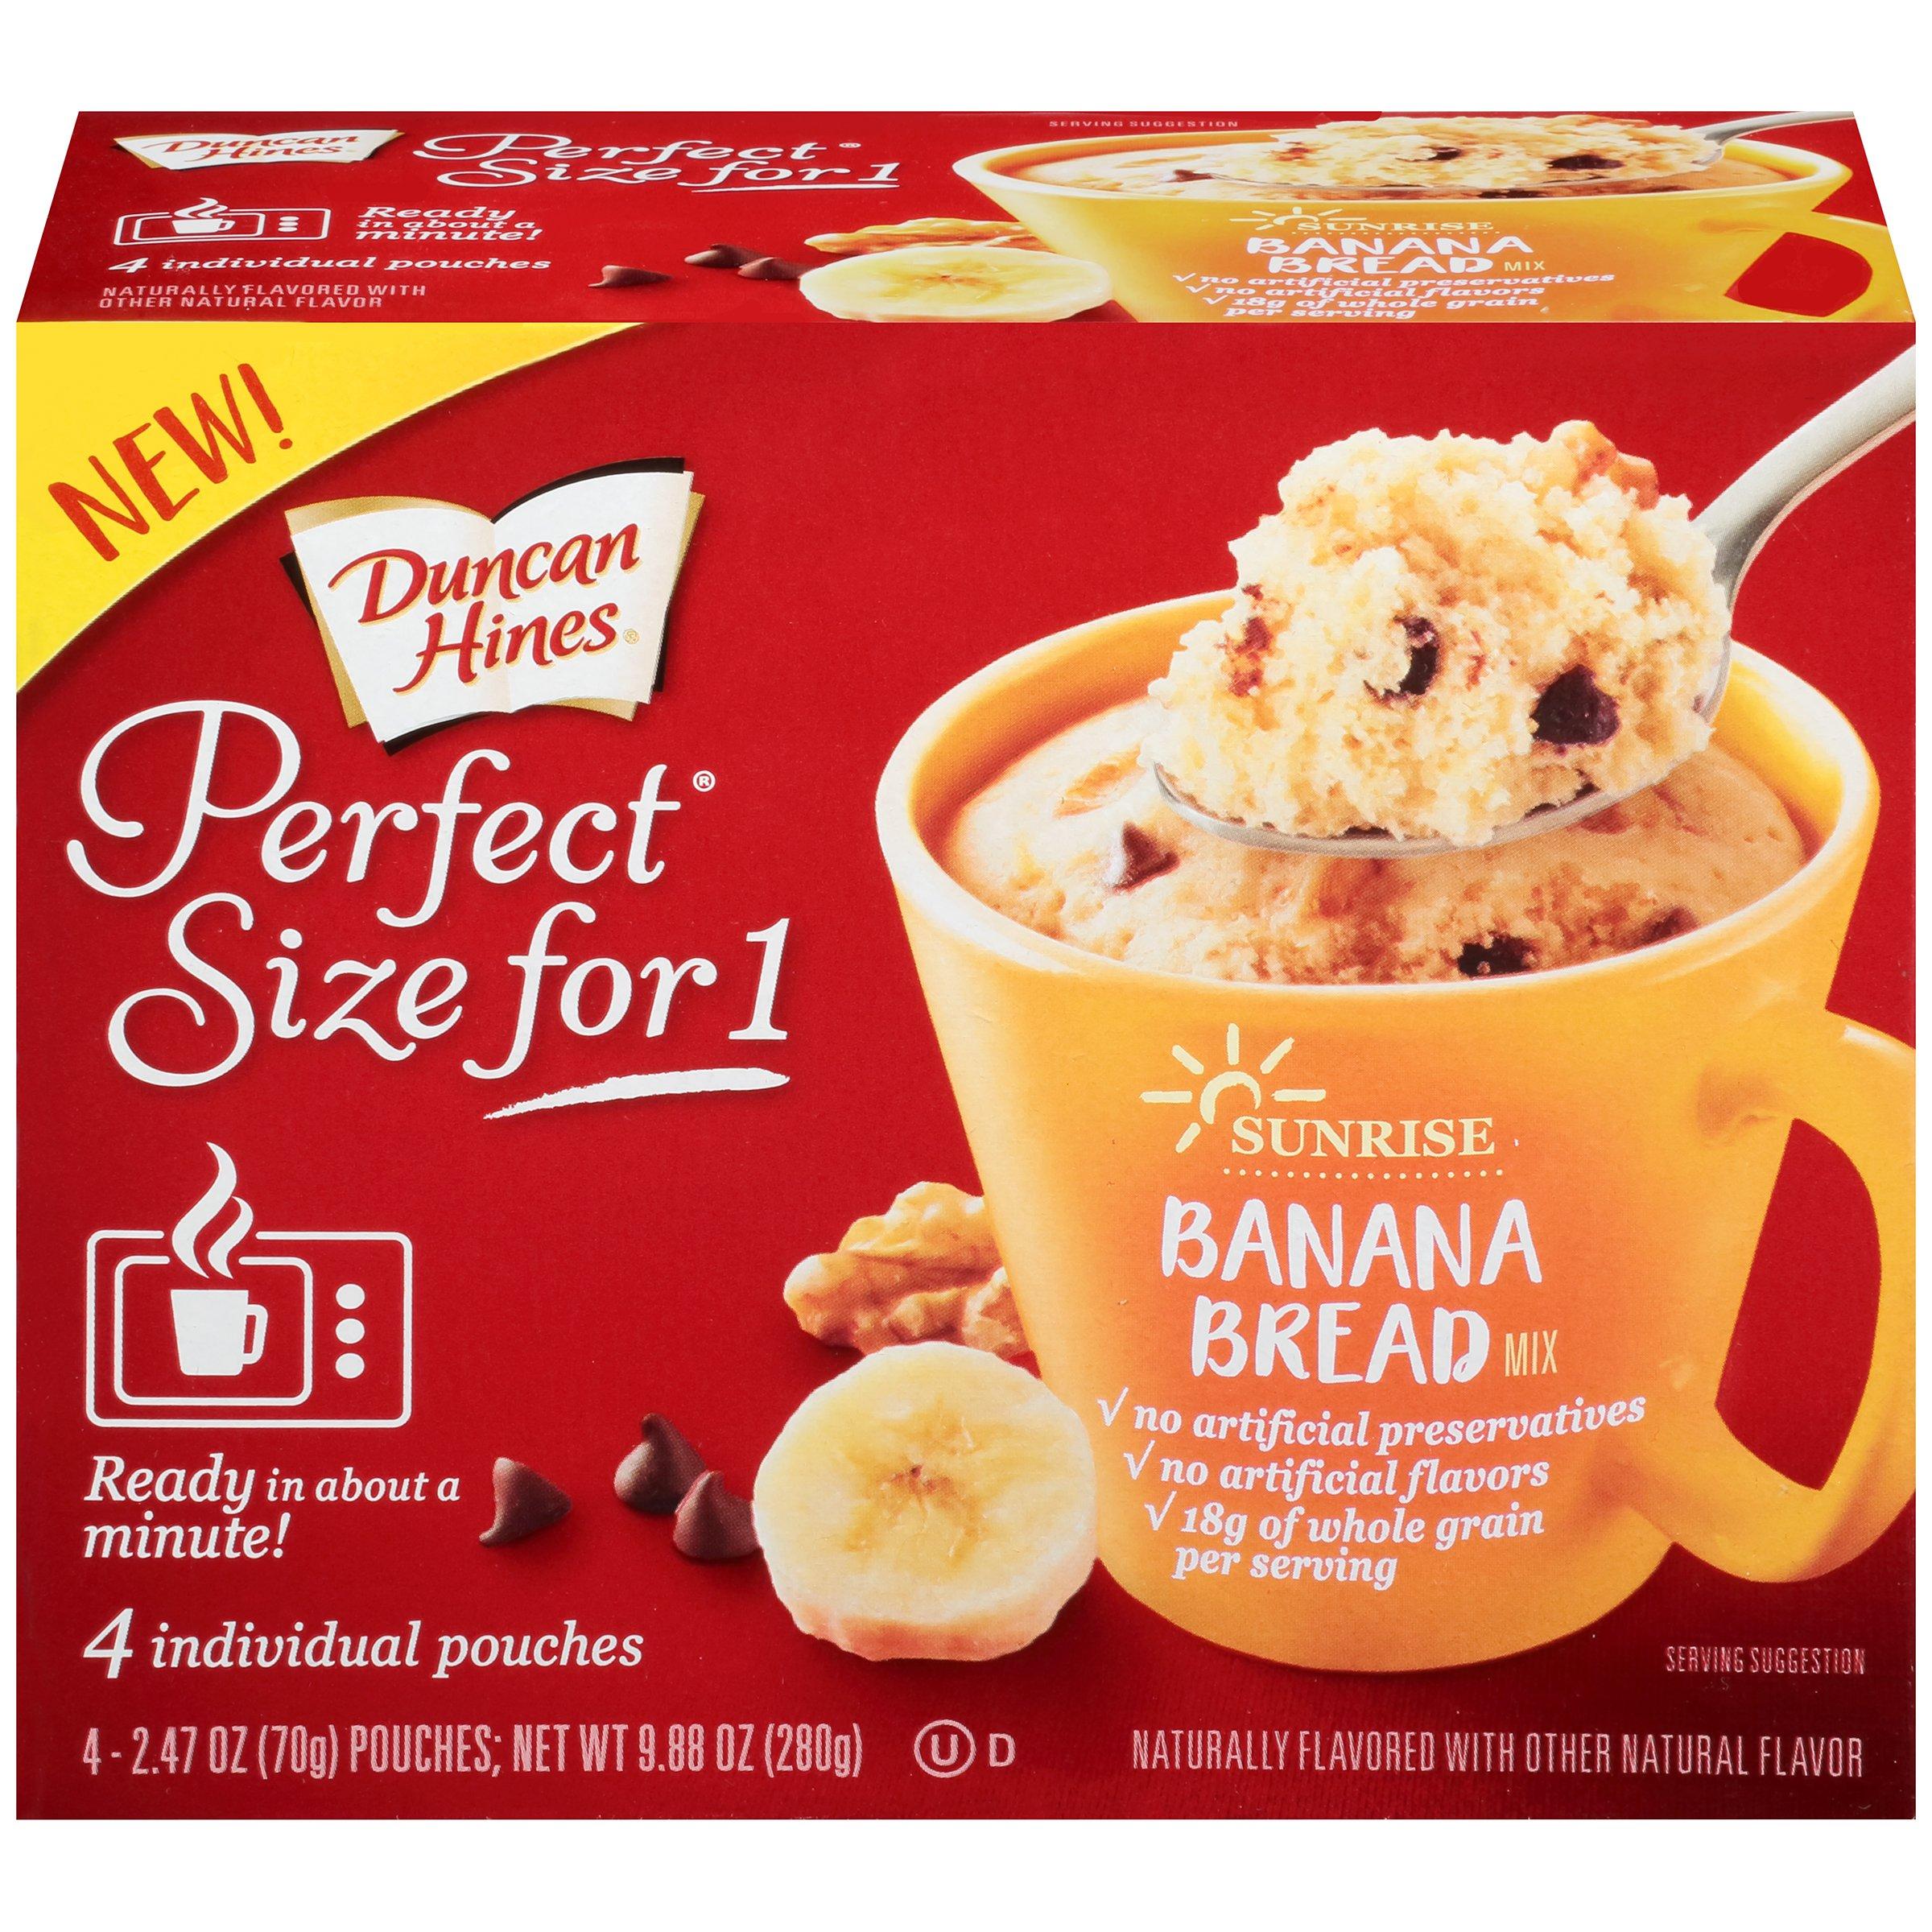 Duncan Hines Perfect Size For 1 Mug Cake Banana Bread Mix Shop Baking Mixes At H E B